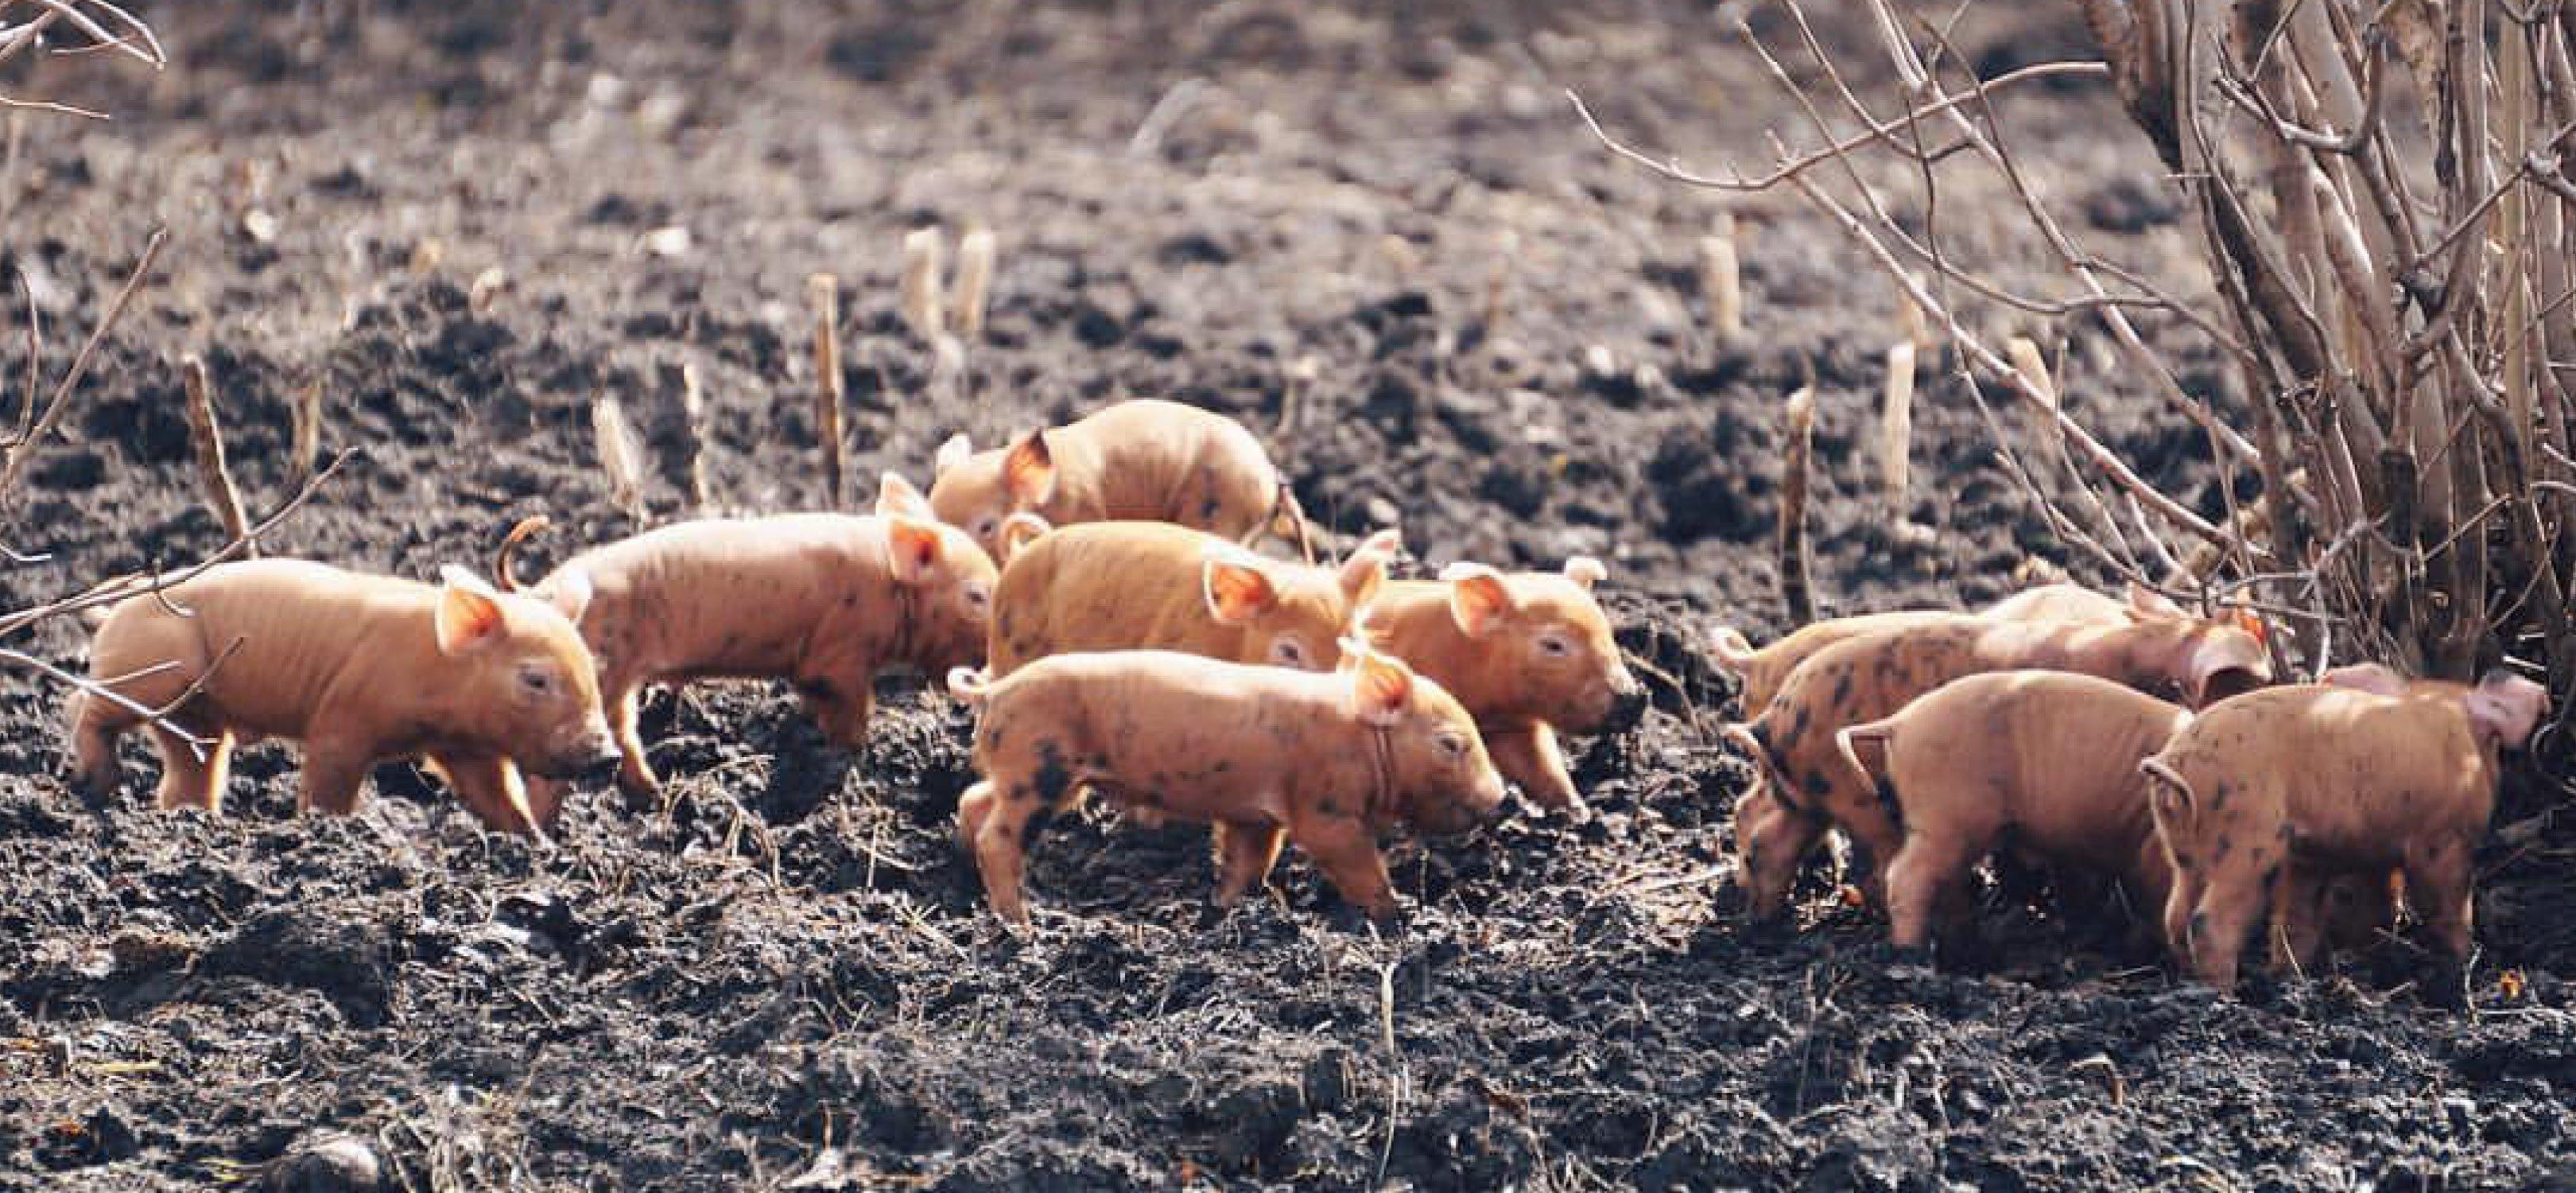 piglets-banner